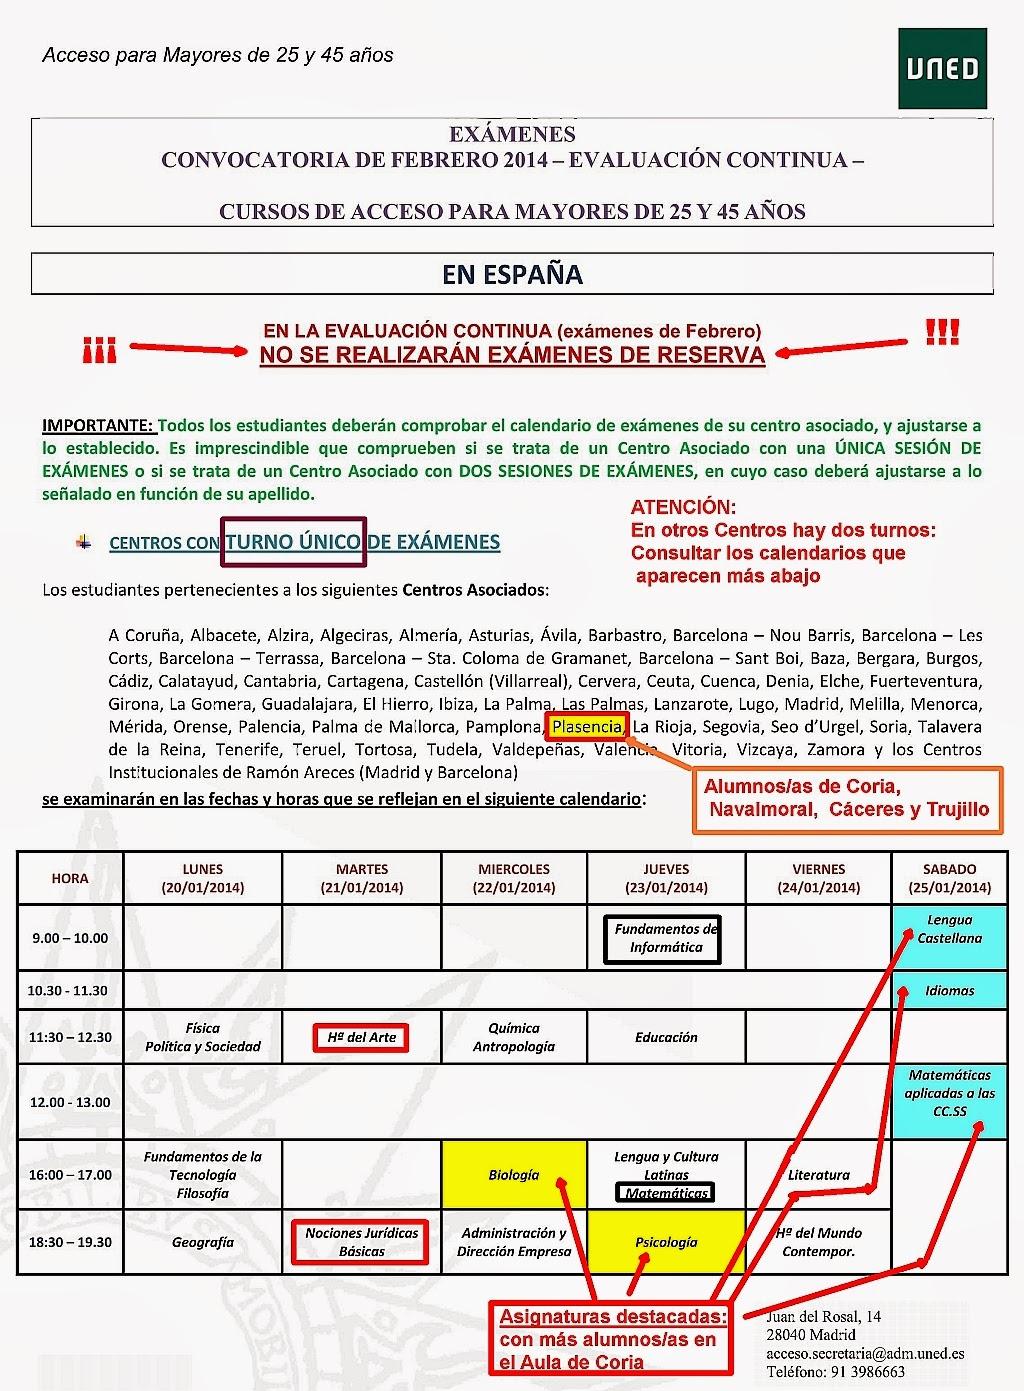 Uned Calendario Examenes.Uned Aula De Coria Caceres Examenes De Febrero De Los